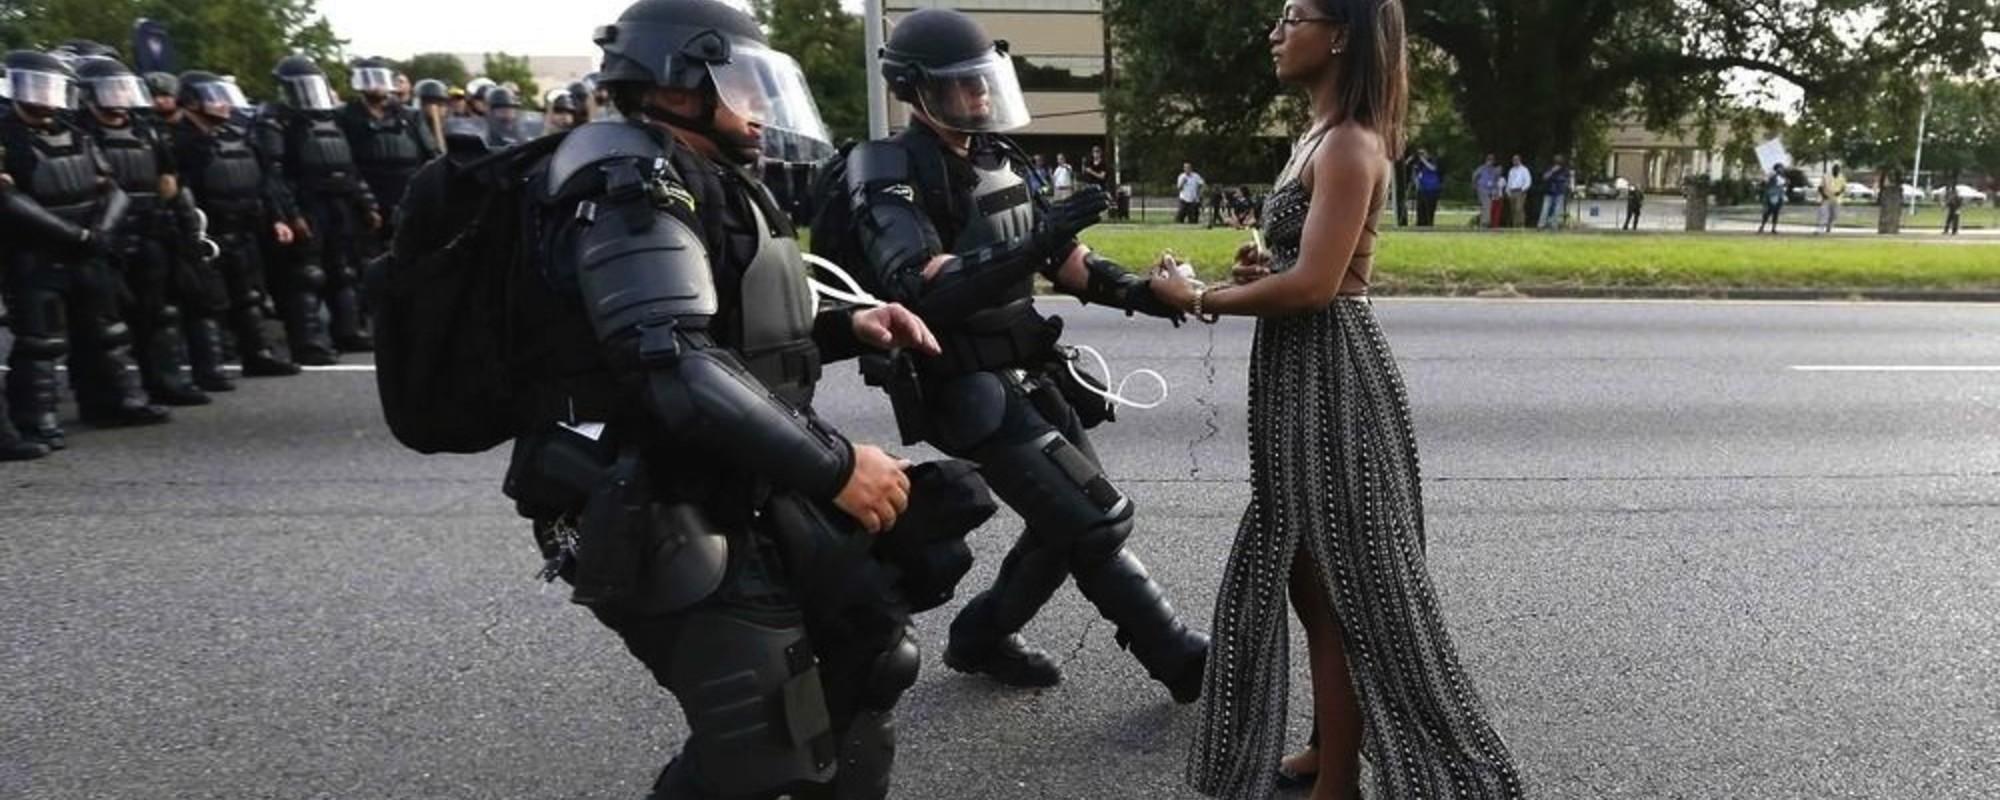 Die Geschichte des ikonischen Black-Lives-Matter-Fotos